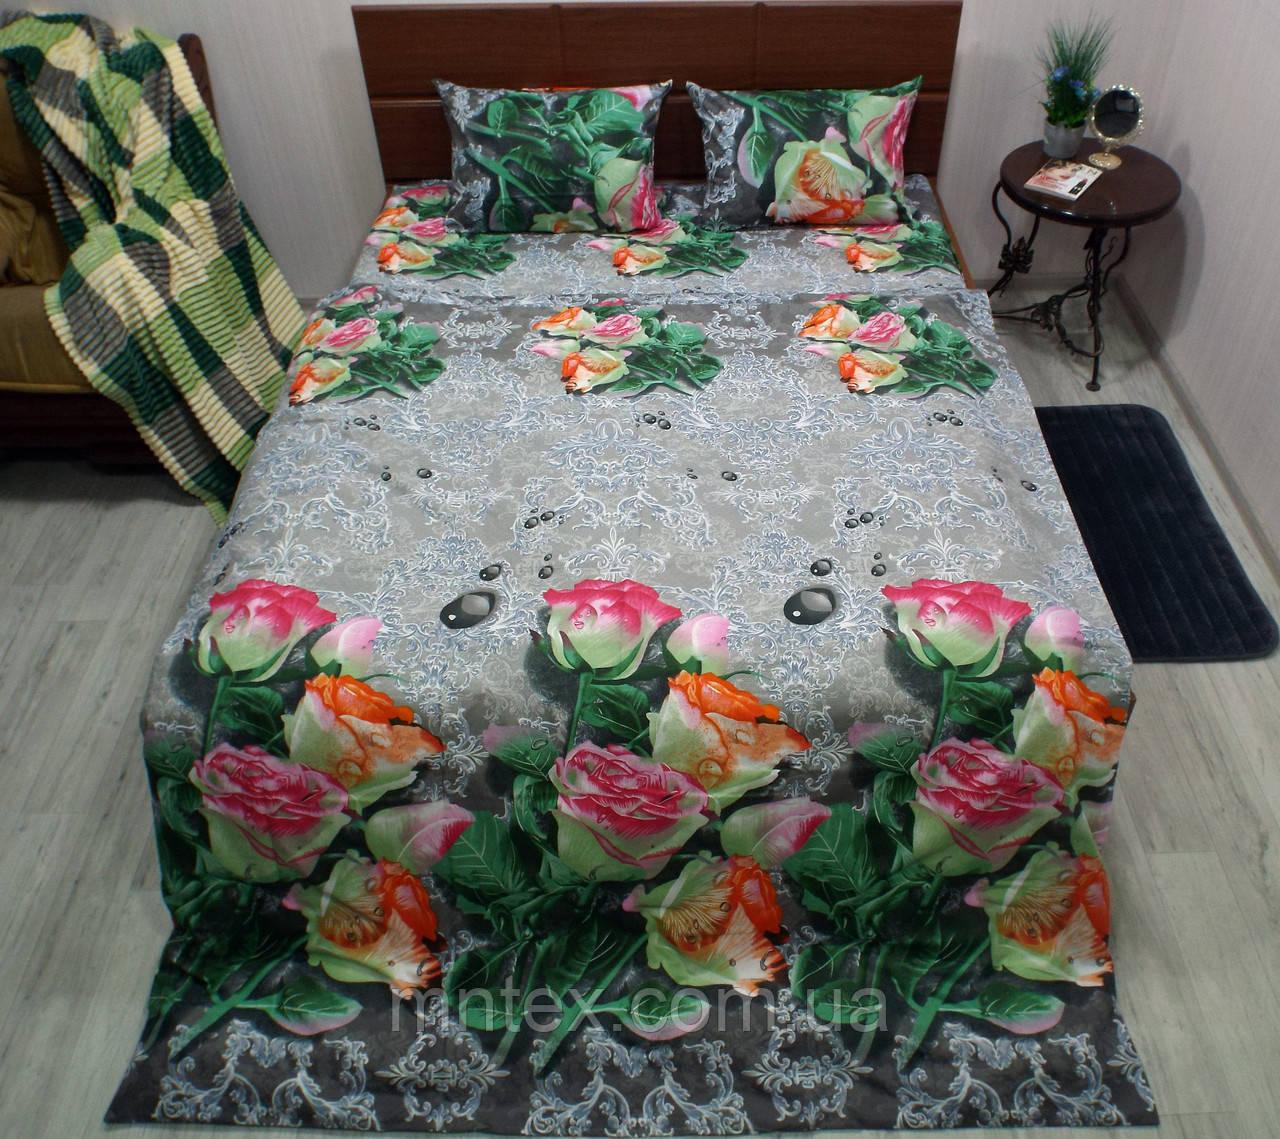 Комплект постельного белья бязь Голд Бутоны